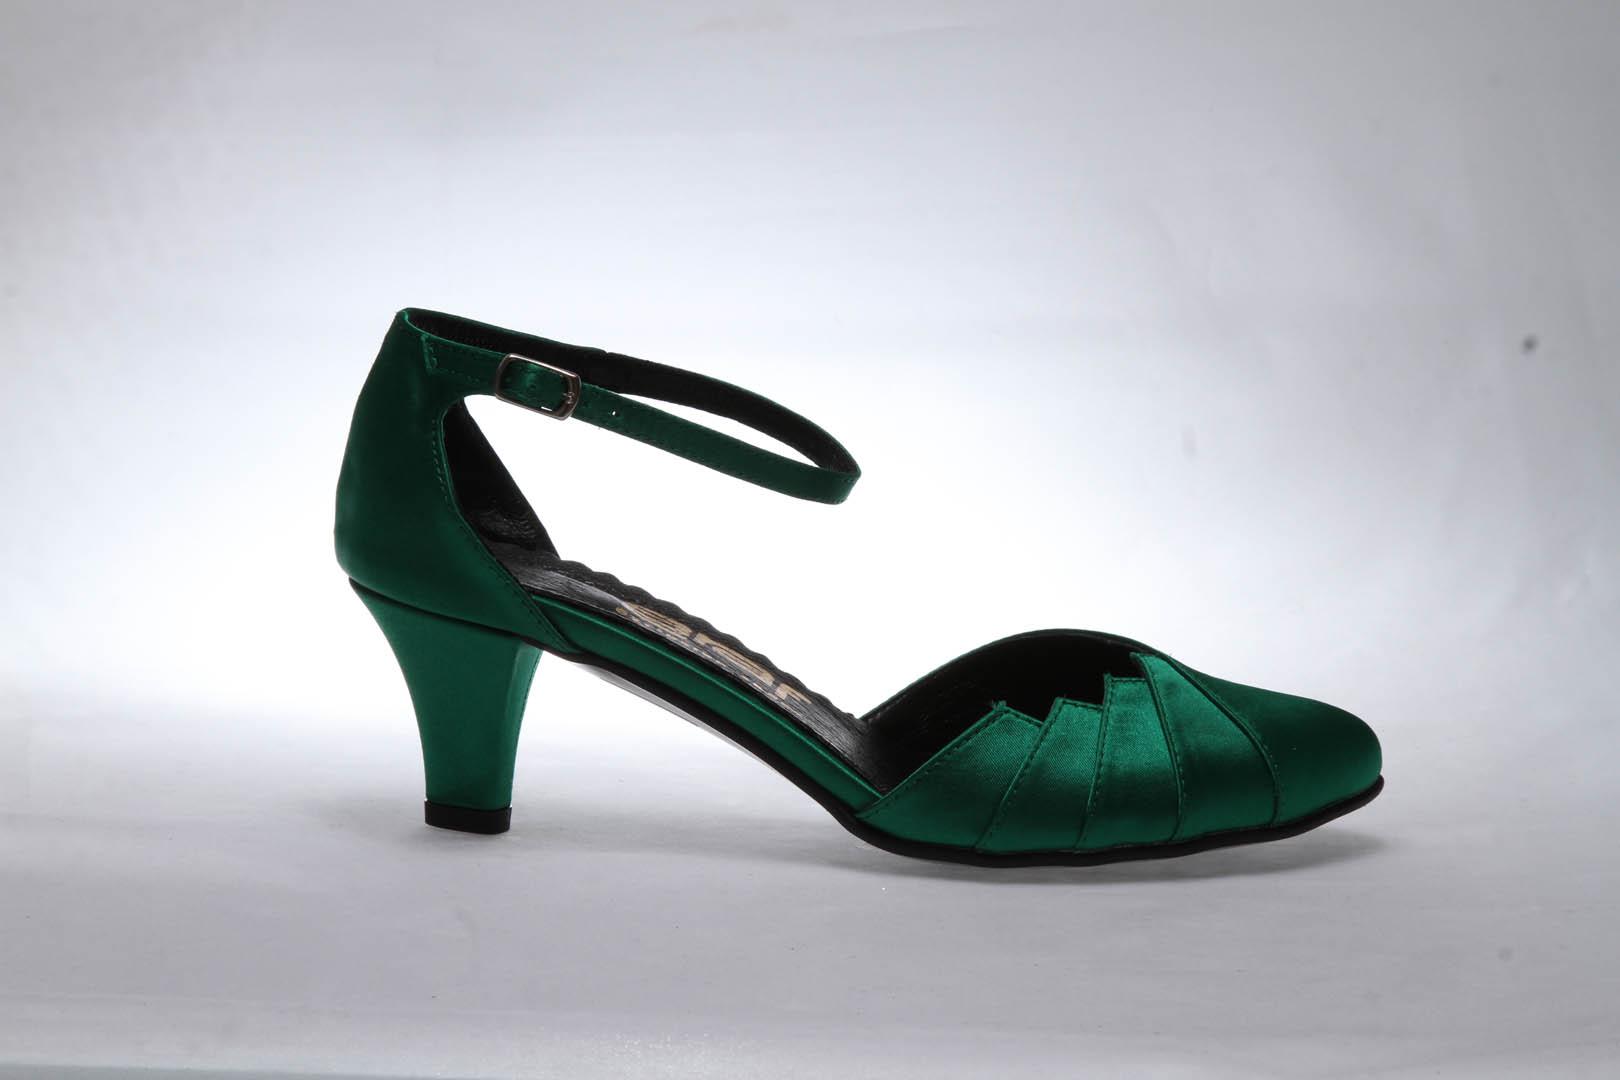 b38c003fad4 Společenské boty - GRAF 877 satén zelený - podměrná